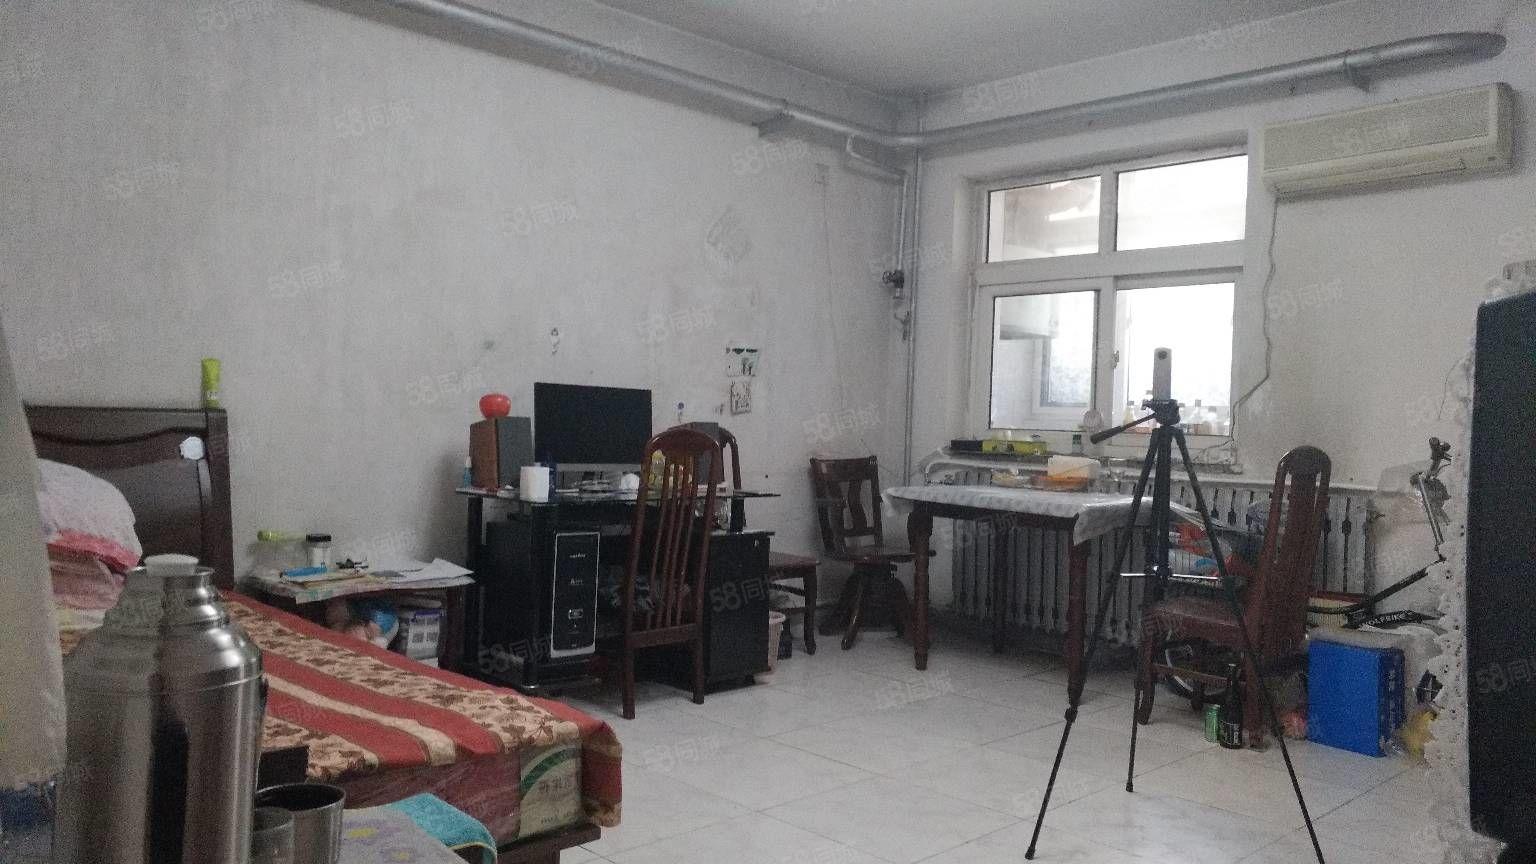 大港生活区振业里两室通透一楼适合老人居住小饭桌等